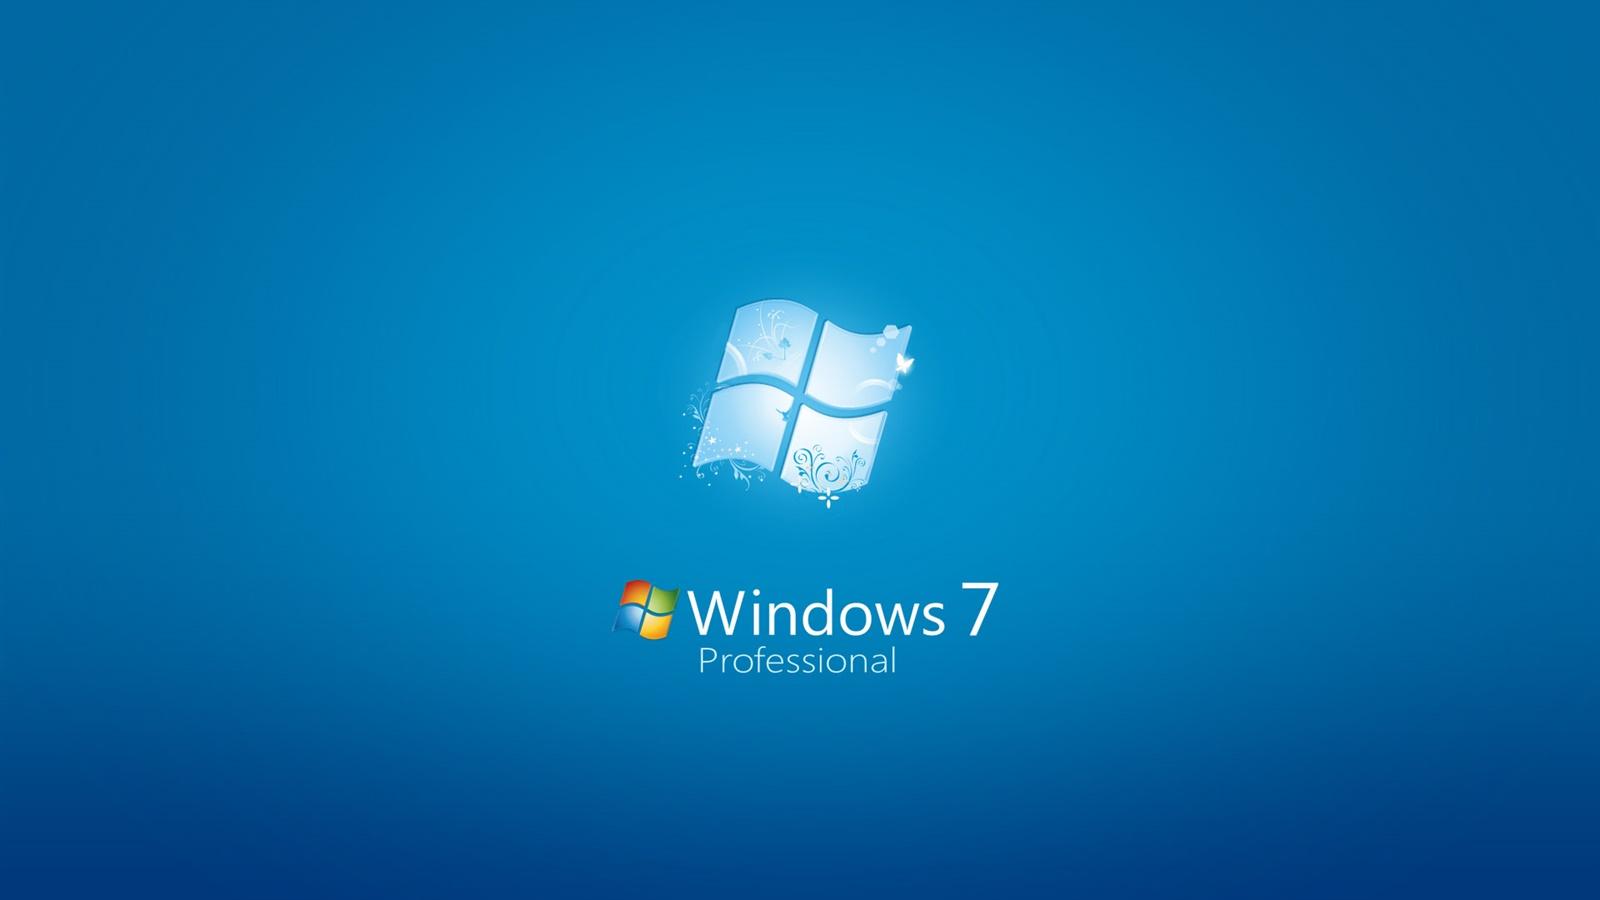 Windows 7のプロフェッショナル 青の背景 デスクトップの壁紙 1600x900 壁紙をダウンロード Ja Hdwall365 Com